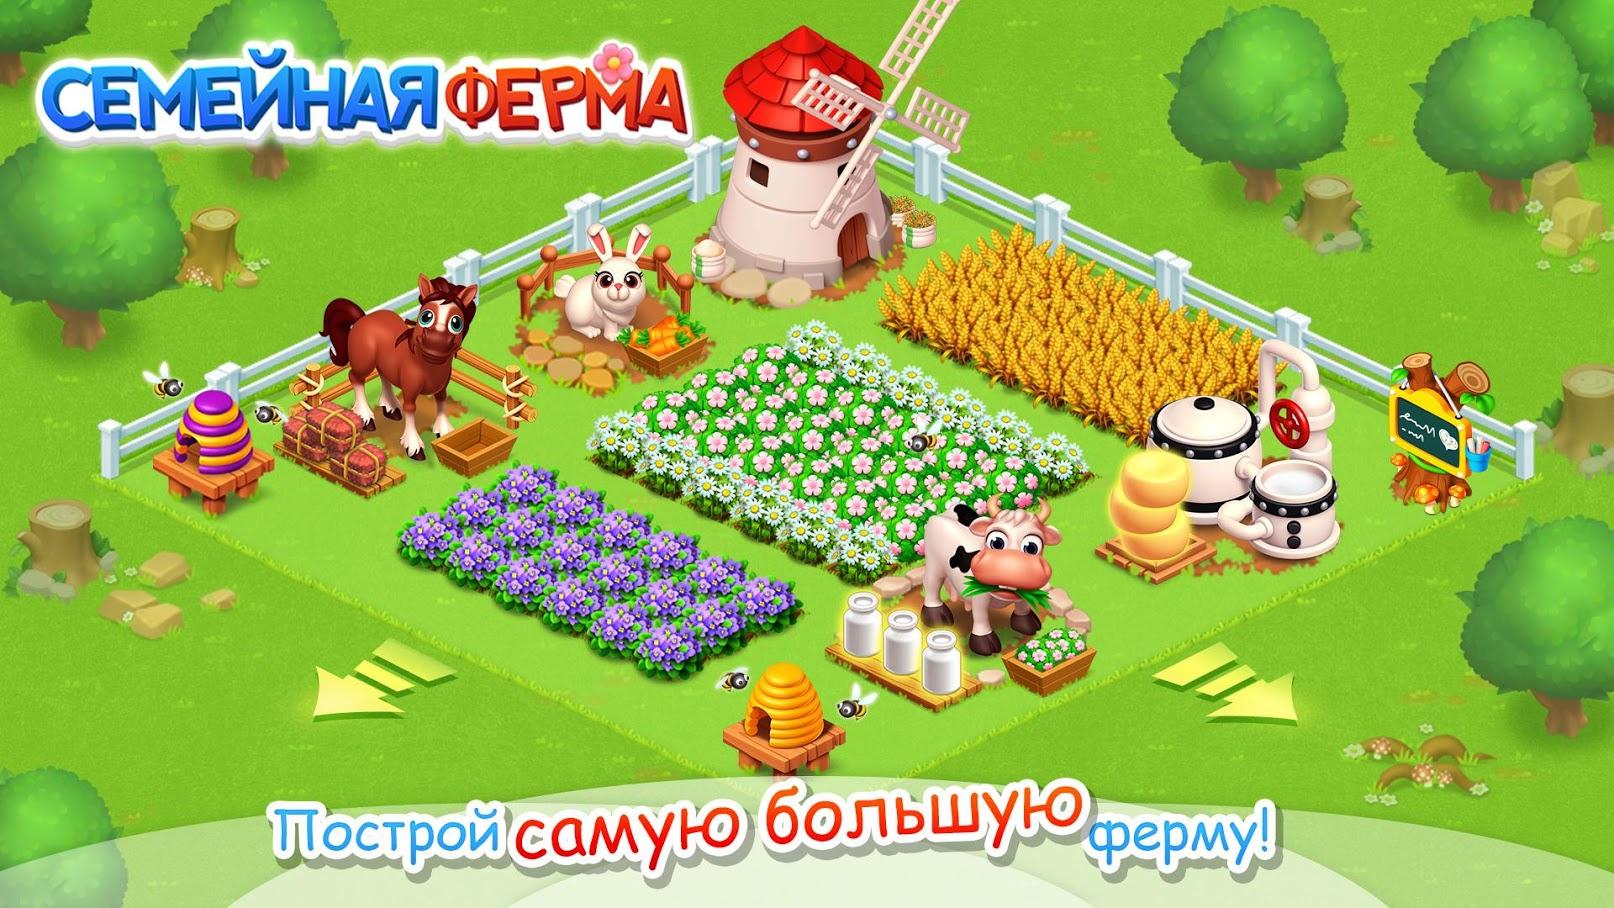 Иллюстрация на тему Скачать игру Семейная Ферма (Family Farm) на Андроид